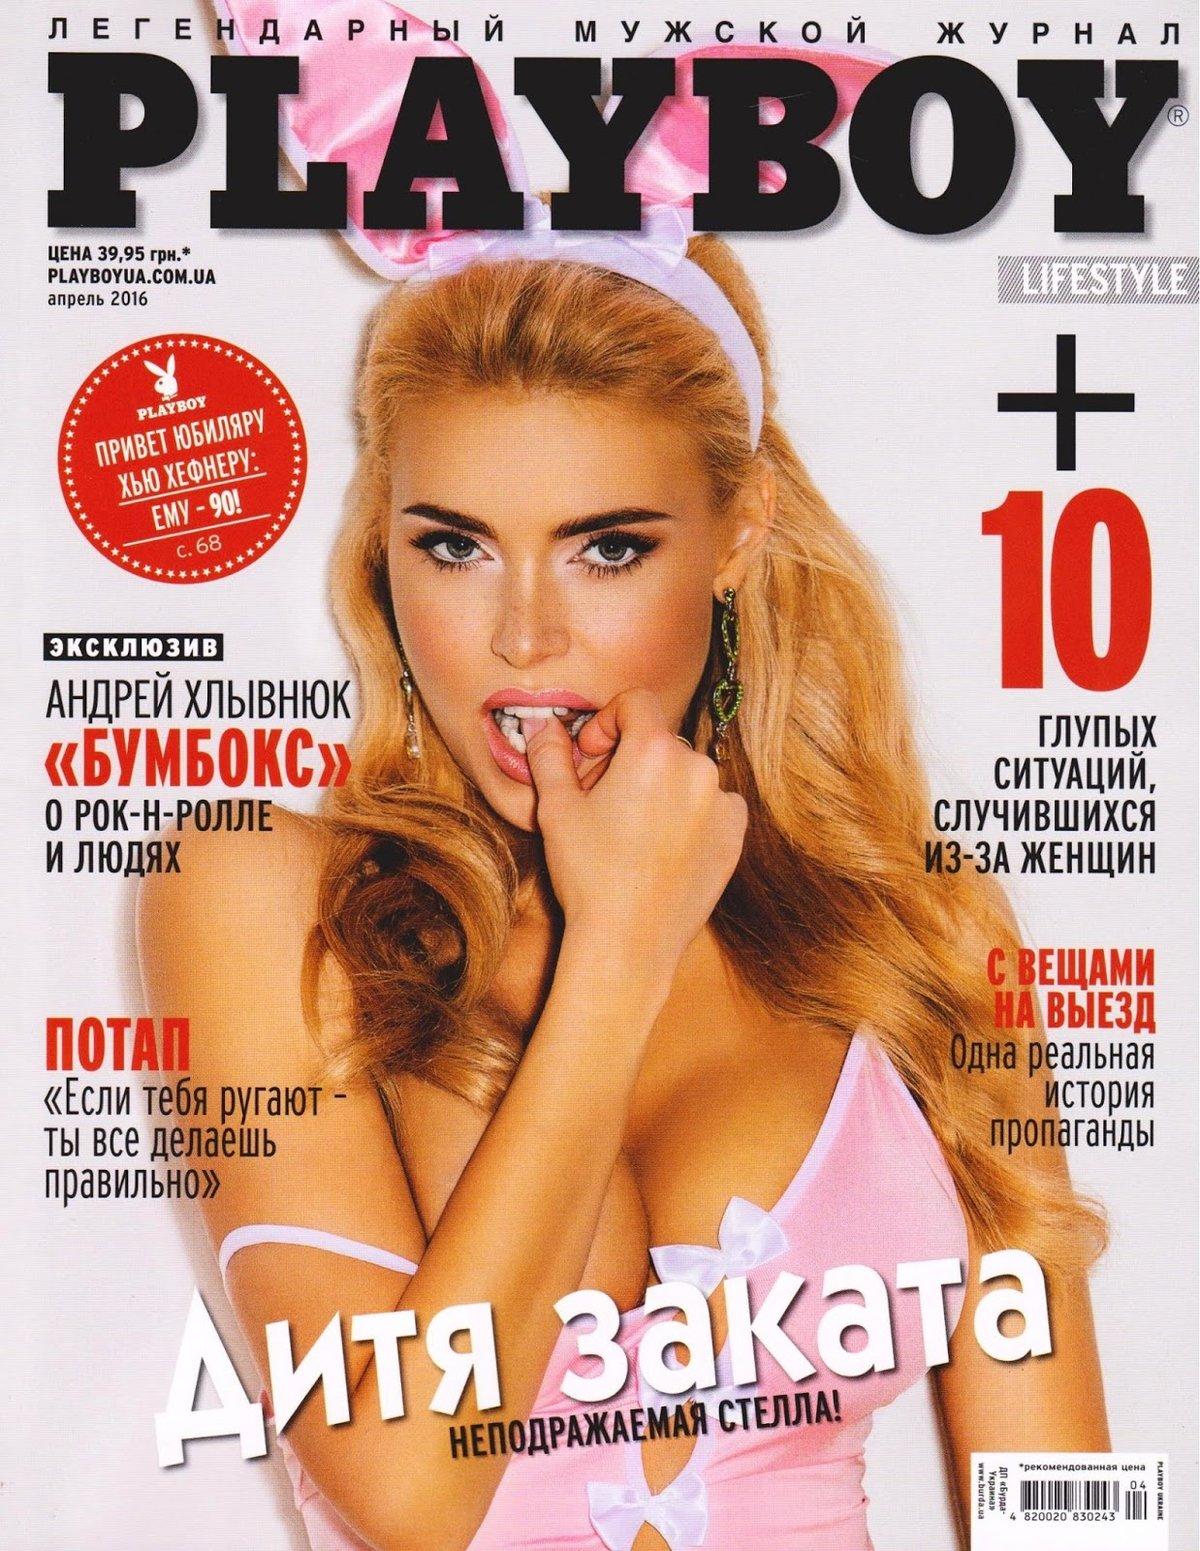 женщины из мужских журналов на фото фотографии